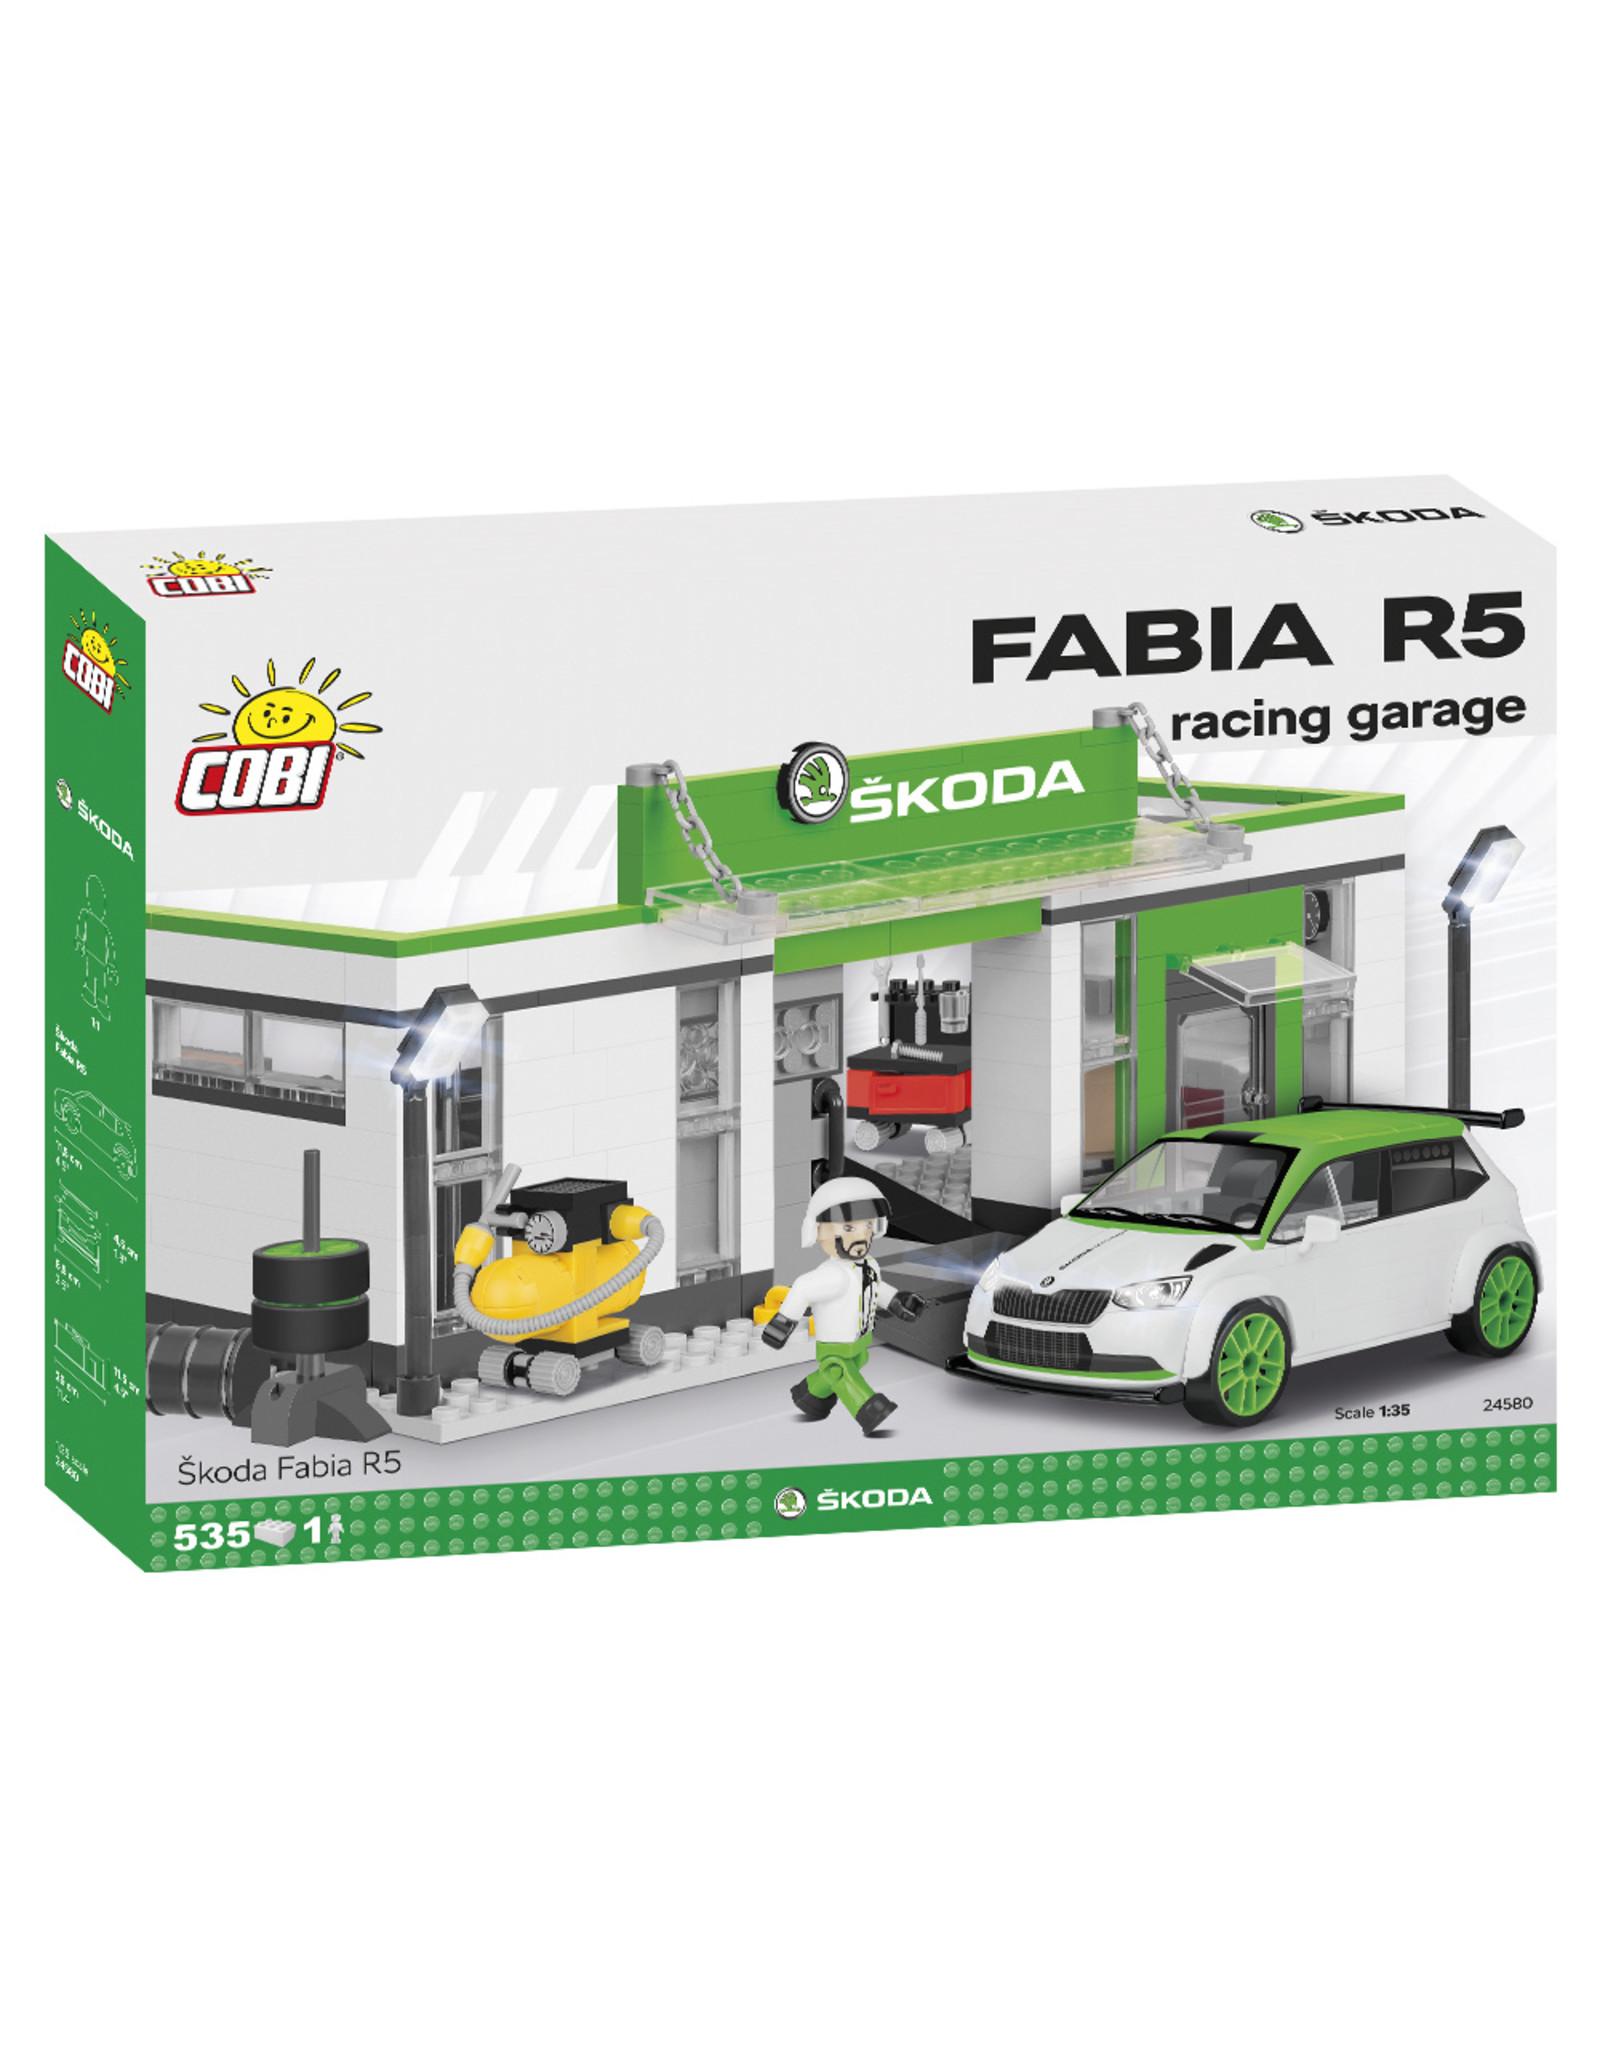 COBI COBI 24580 Skoda Fabia R5 Racing Garage